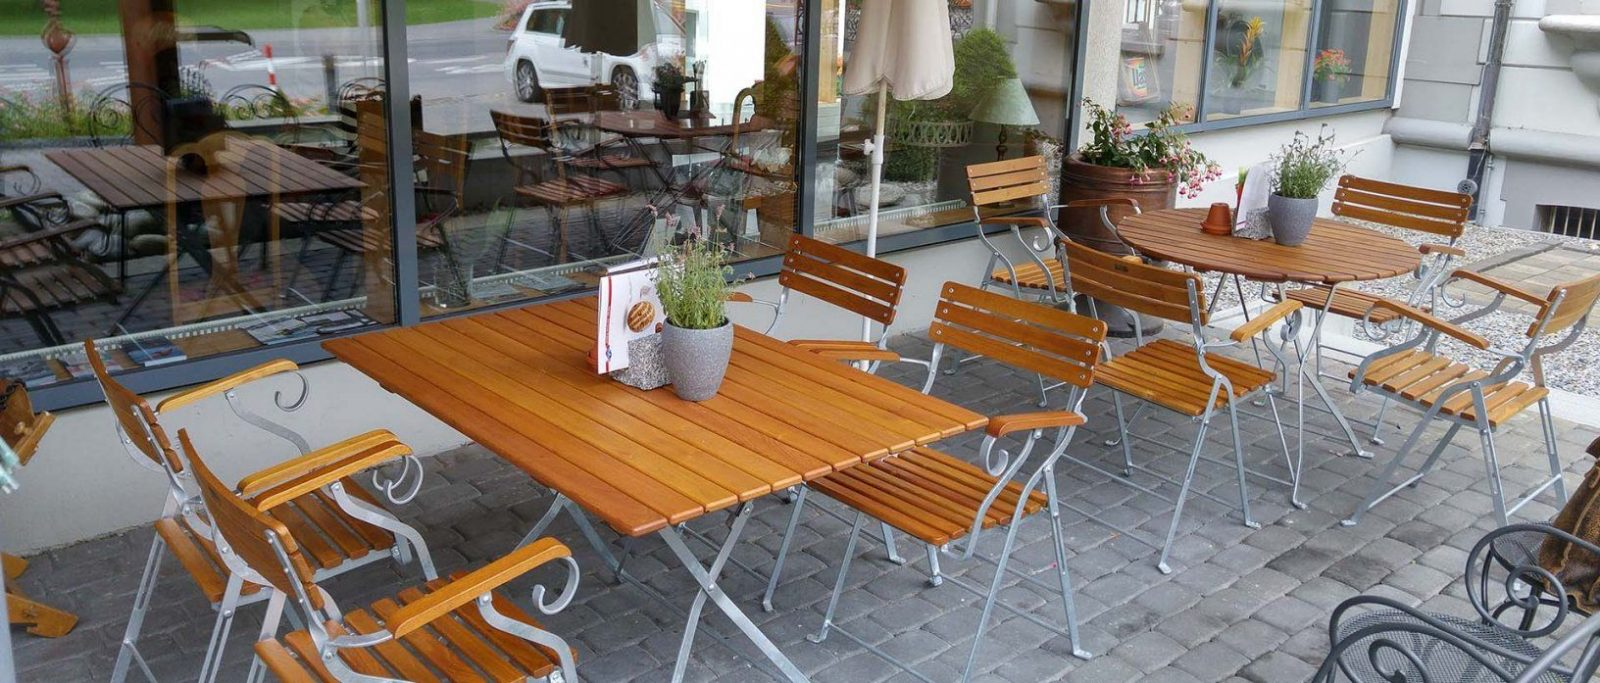 Gartenmobel sonderposten for Badmobel gute qualitat